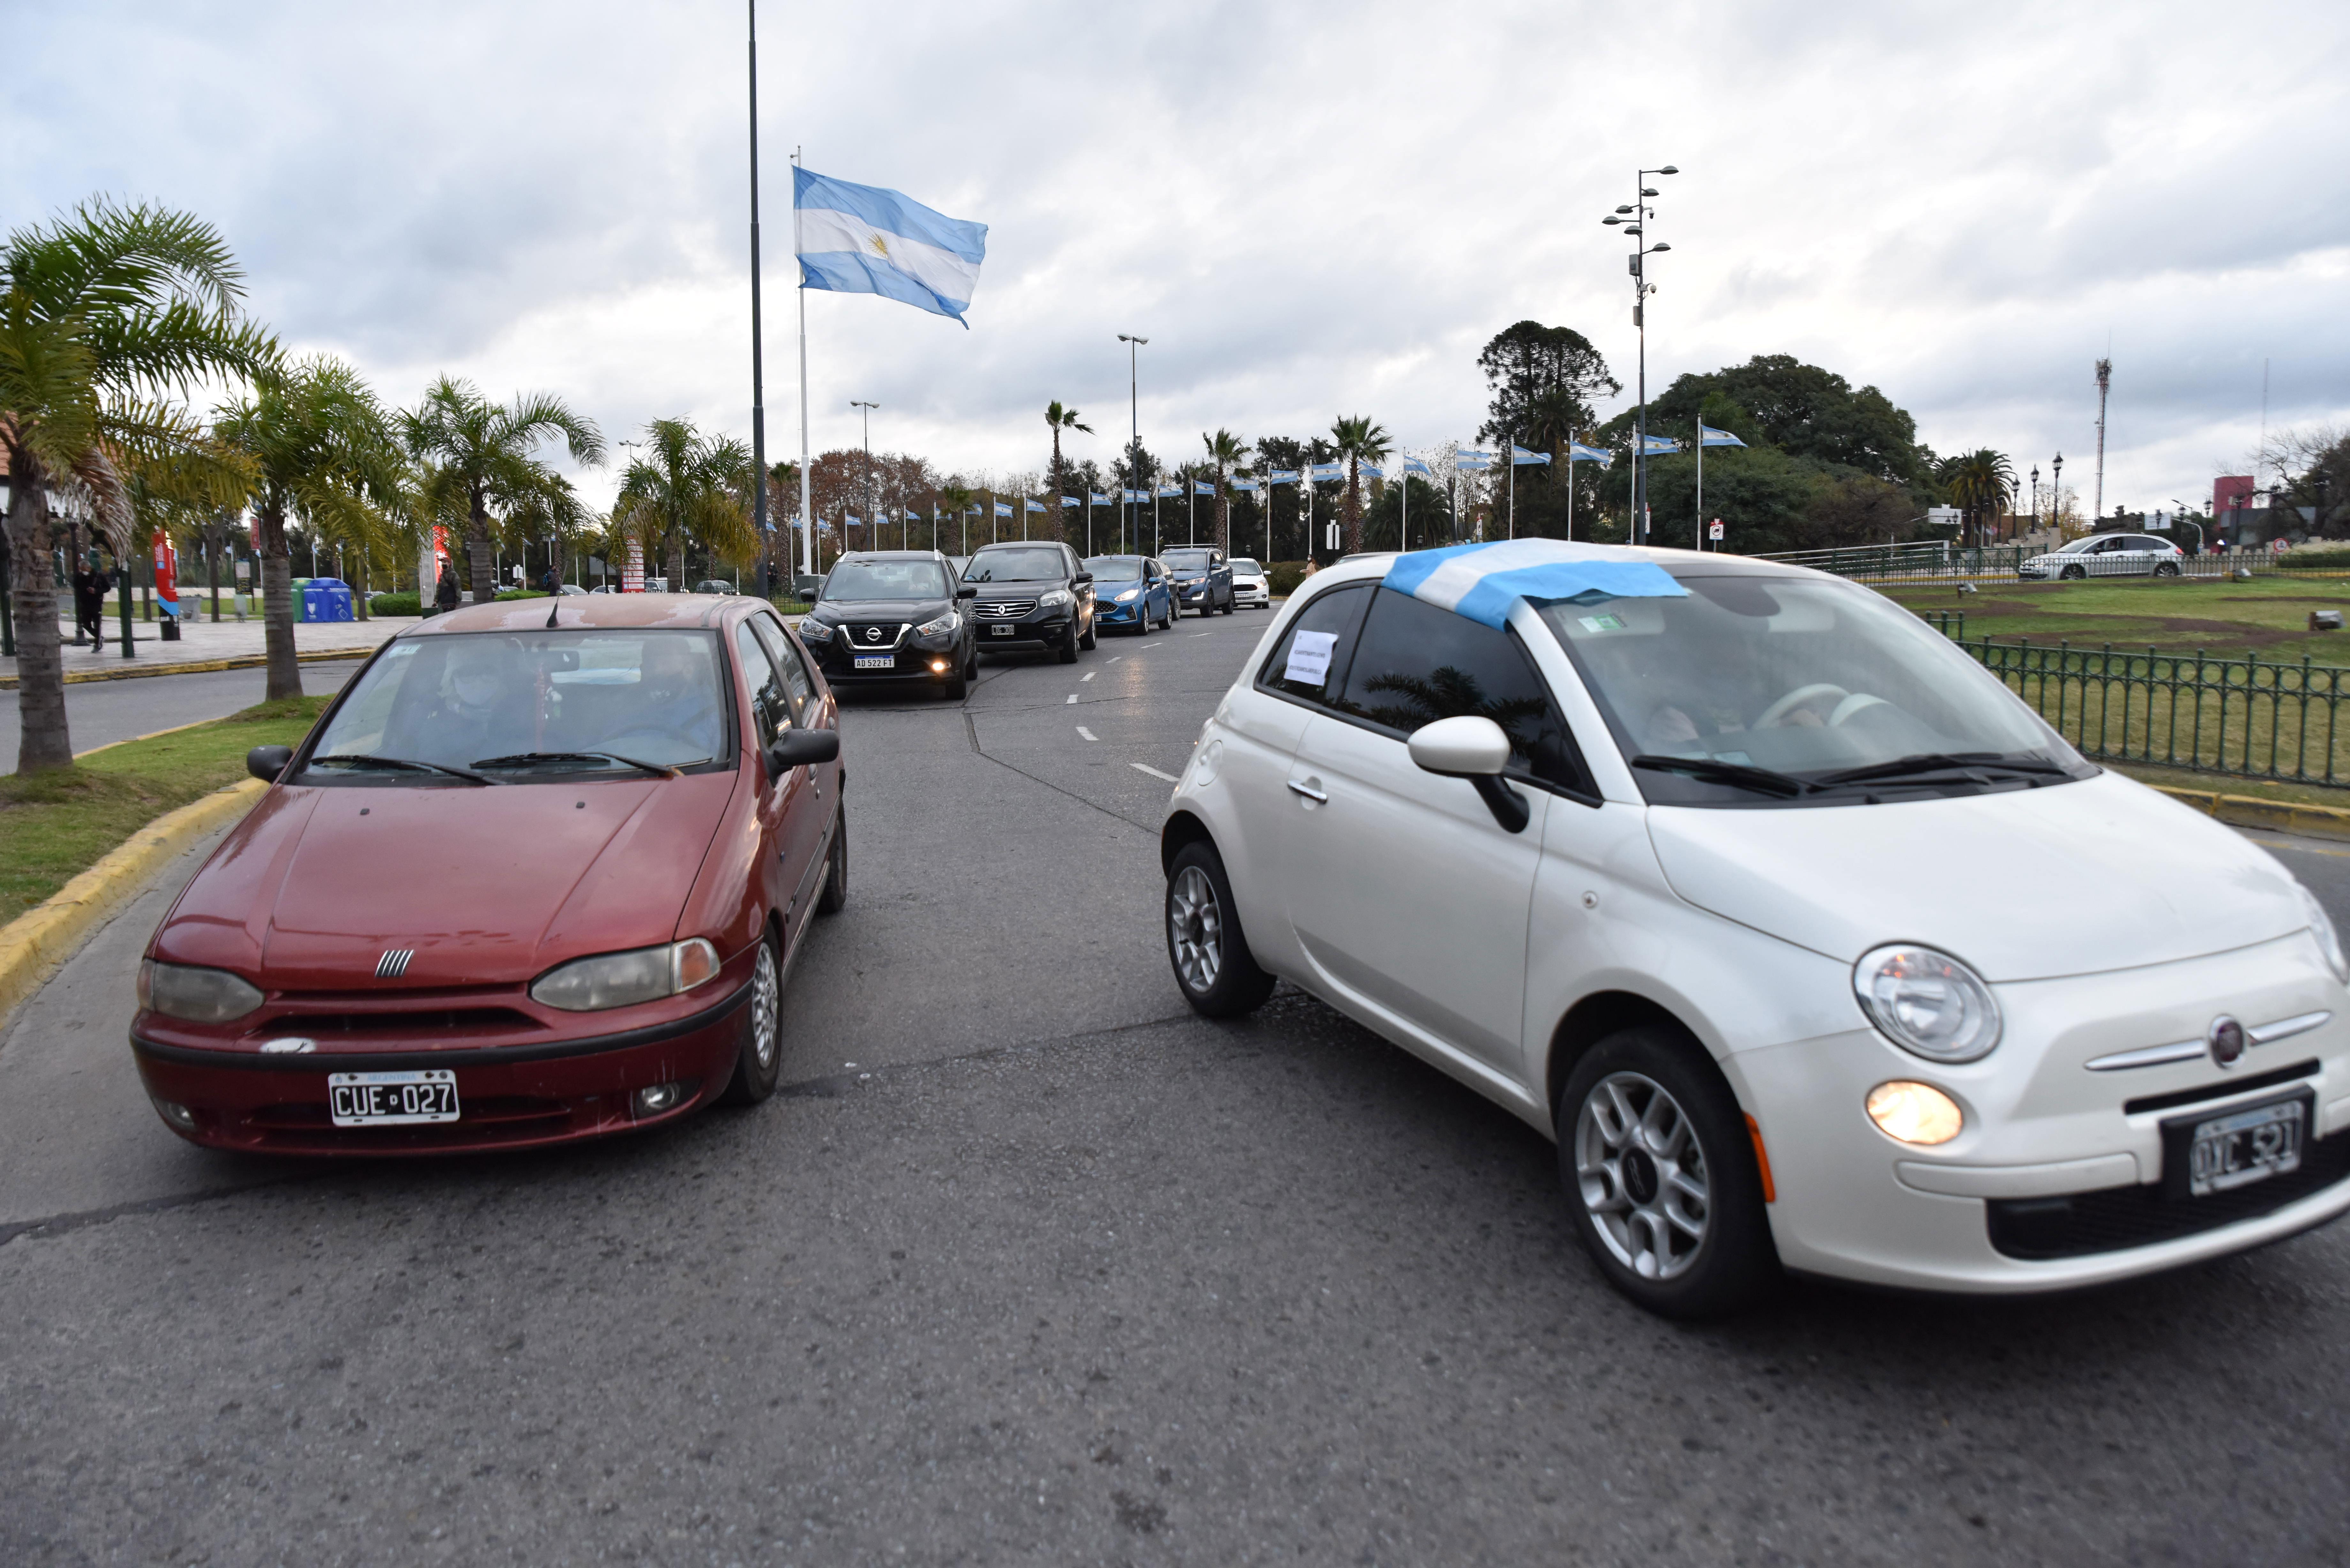 """El 30 de mayo, pese a la prohibición de marchar en auto por parte de la policía y la intimidación del municipio, los vecinos de Tigre realizaron una segunda caravana en forma de protesta pacífica en contra la extensión de la cuarentena y su impacto en la economía, y pidiendo una cuarentena inteligente. A lo largo de casi 7 kilómetros se fueron sumando vecinos de distintas zonas del municipio. La consigna, motorizada por los Vecinos de Tigre en Acción, fue: """"Con barbijo sí, pero nunca con mordaza""""."""